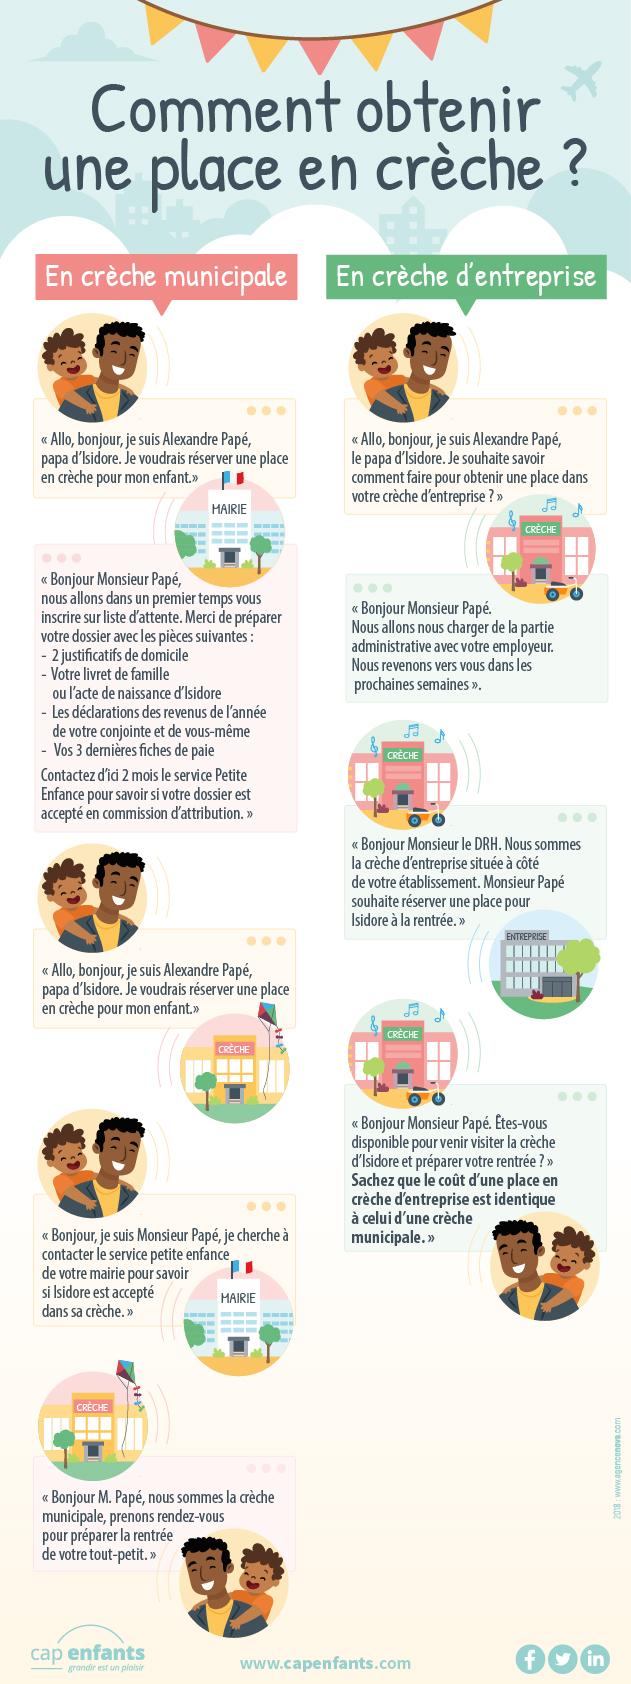 Cap Enfants Creche Infographie Cout d'une place en crèche